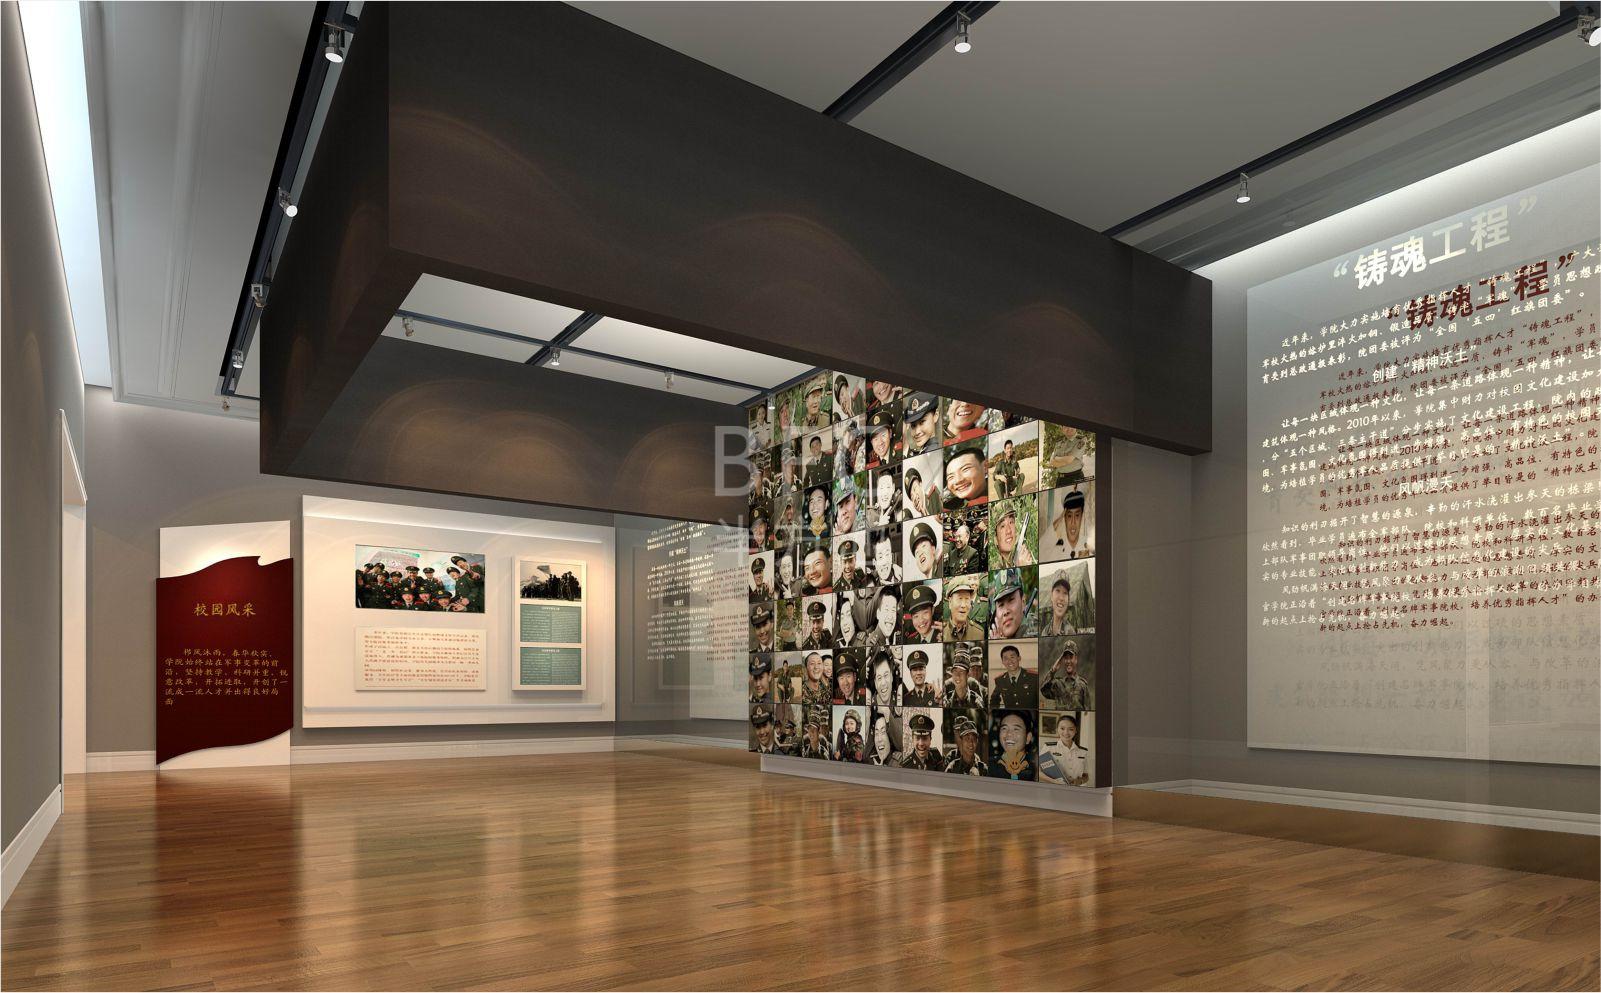 获十大精品陈列的展览公司有哪些共性?